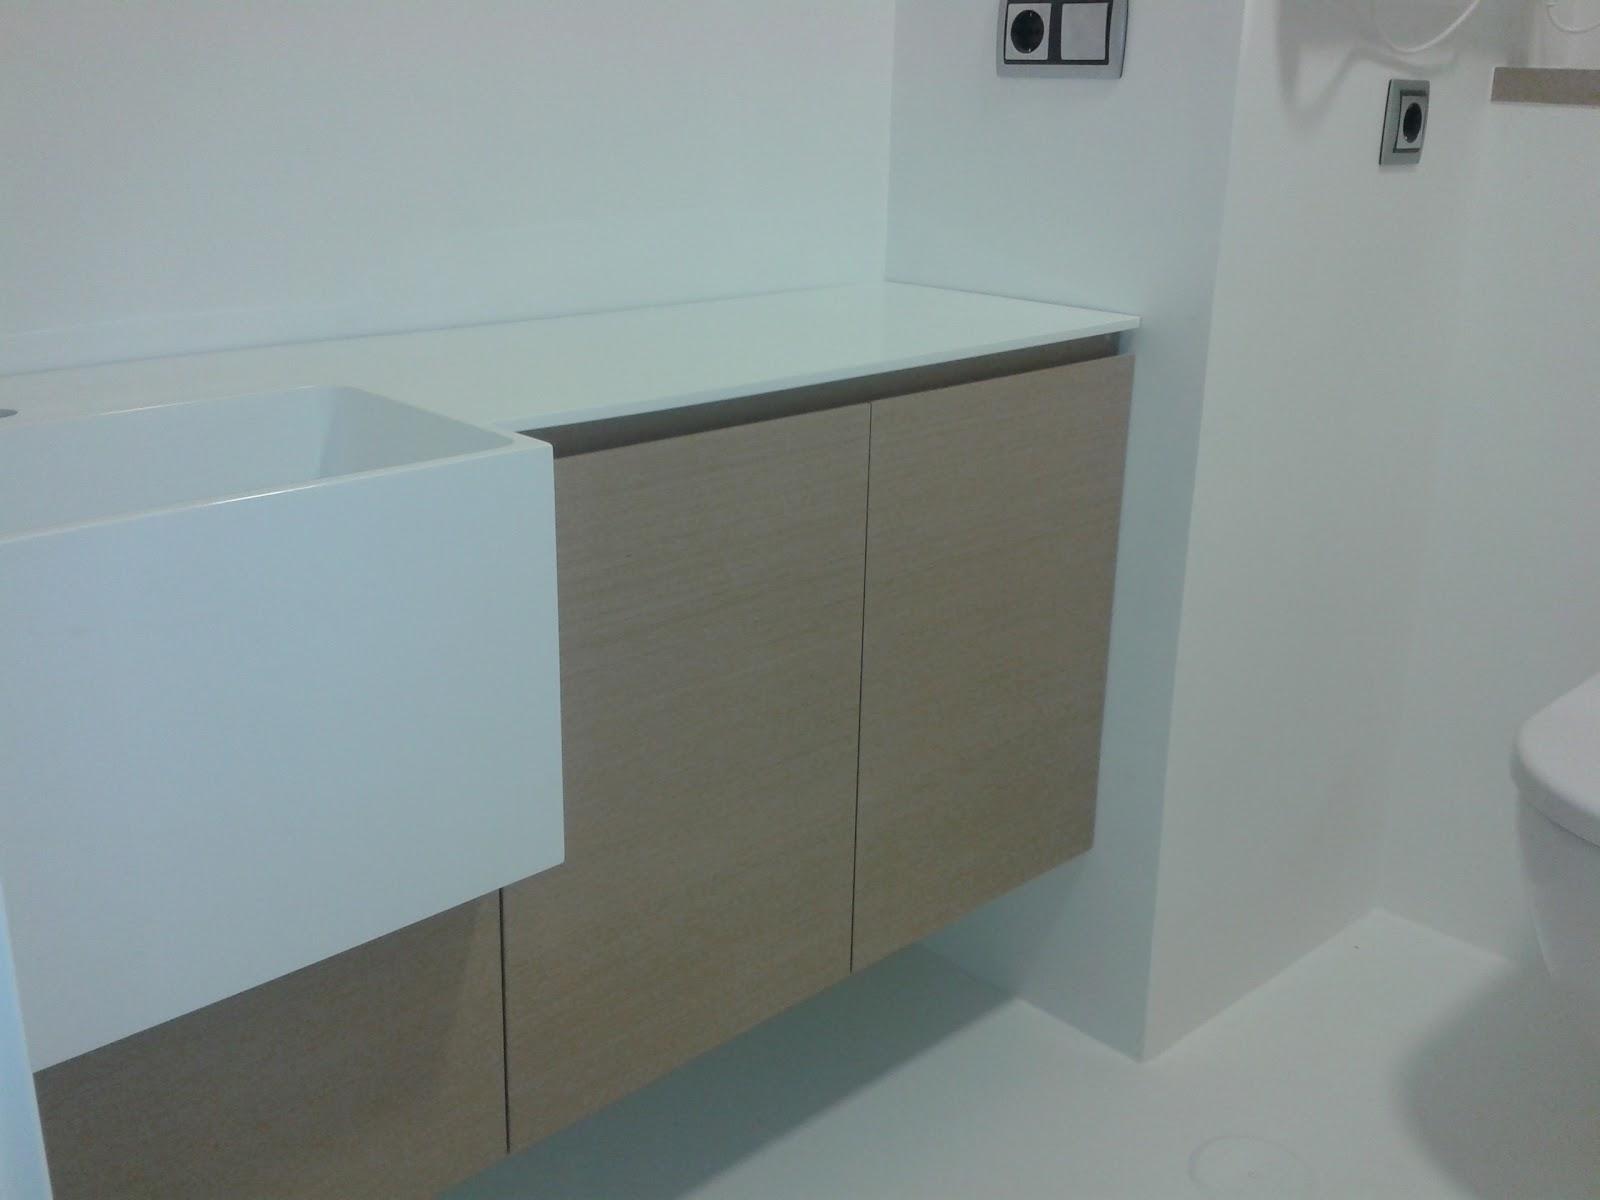 Muebles De Baño Gris Ceniza:BAÑOS II (Roble tintado ceniza)